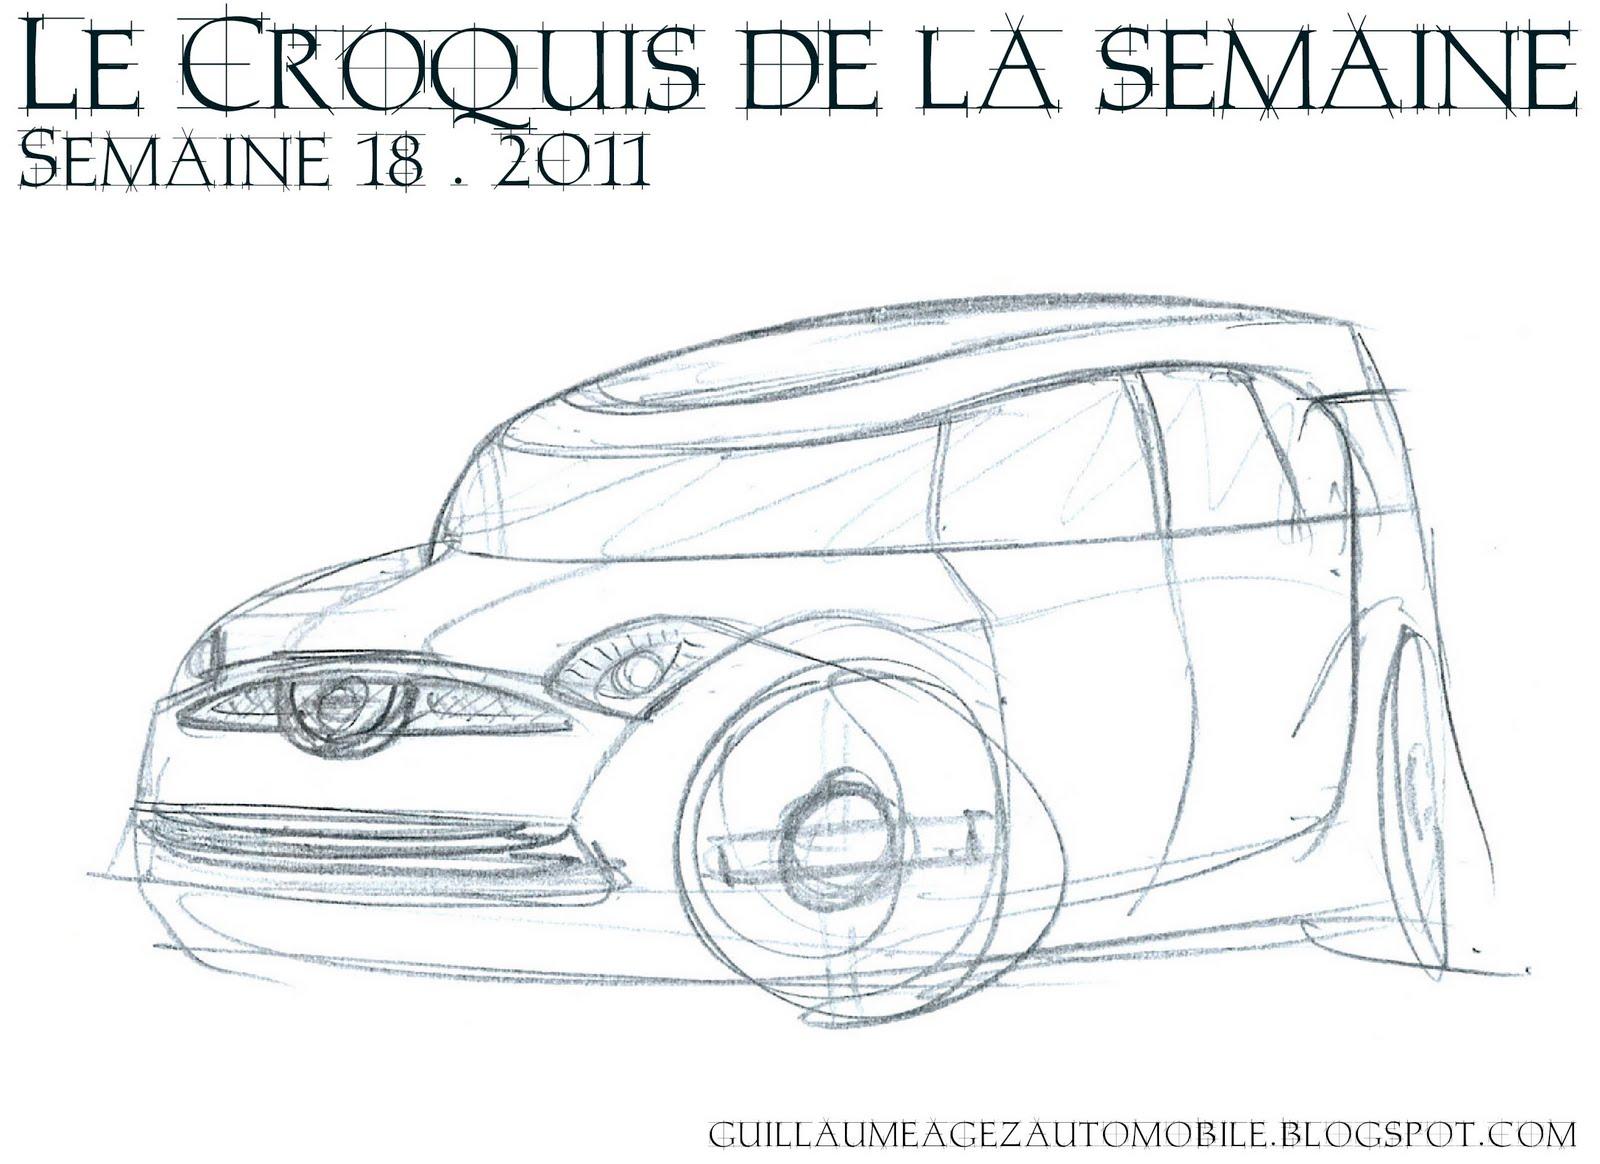 Guillaume Agez Automobile Le Croquis De La Semaine 18